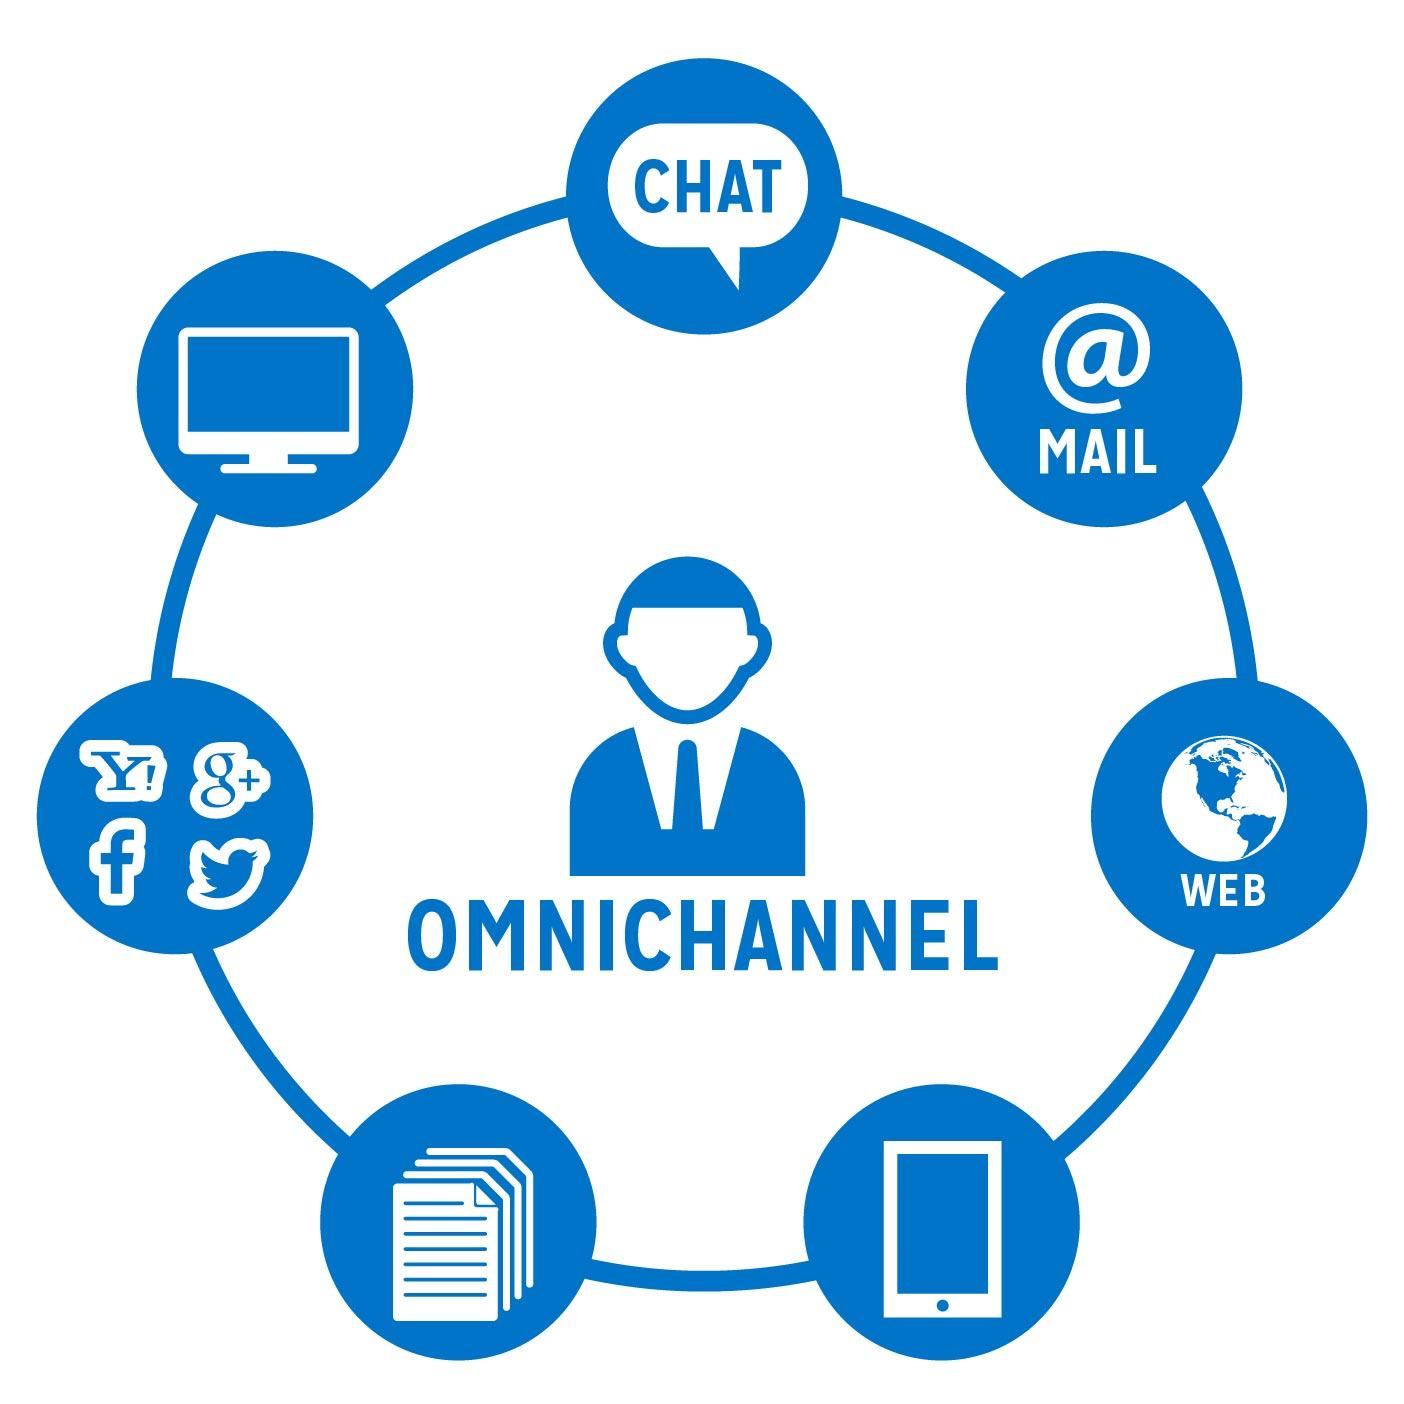 bán hàng đa kênh thu hút khách hàng